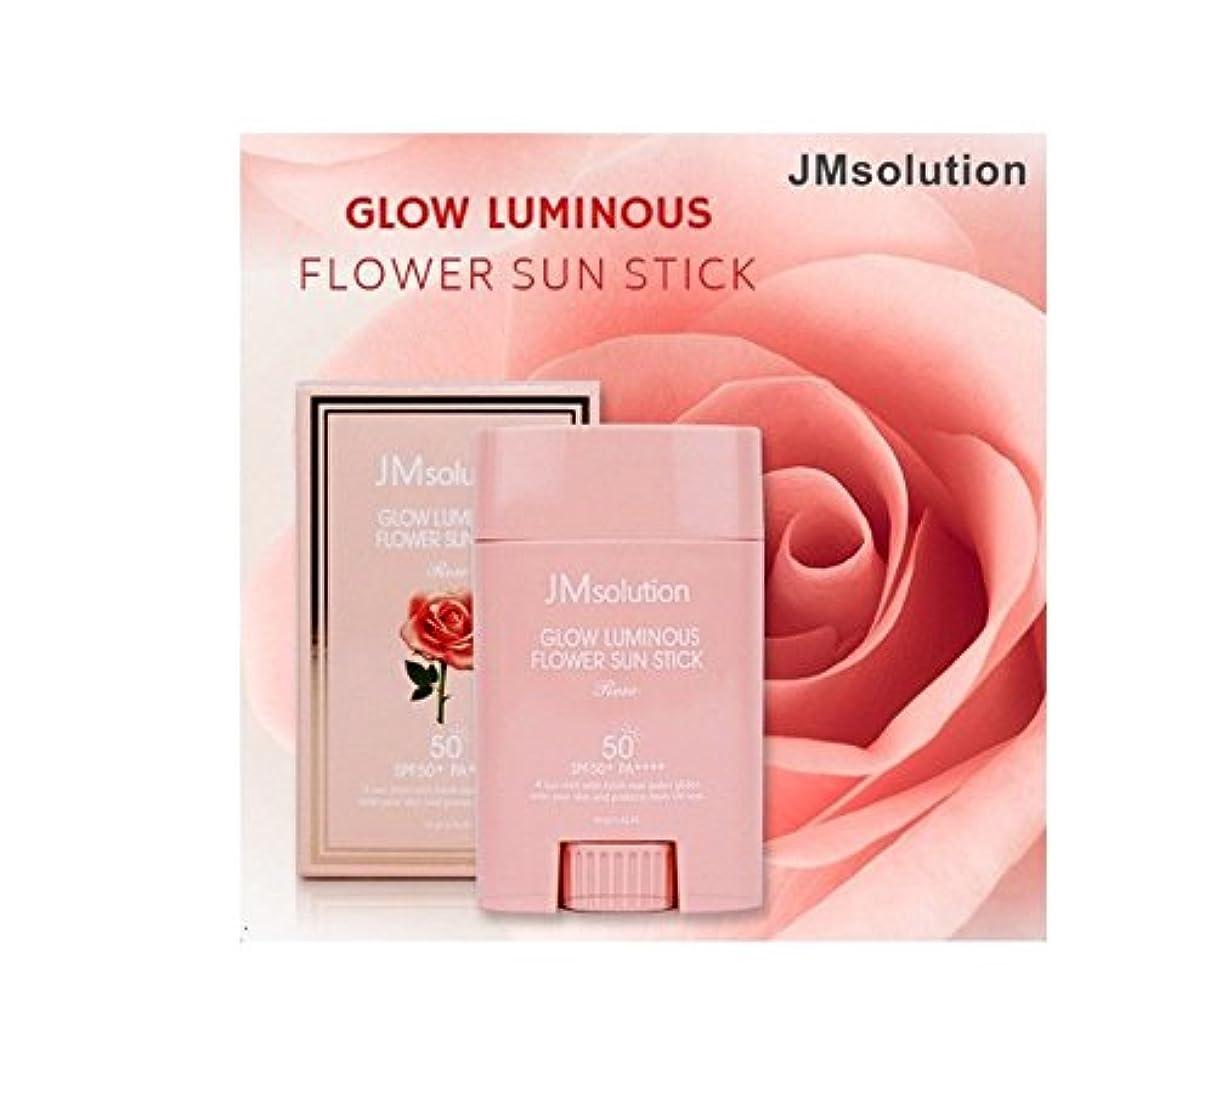 体操良さセグメントJM Solution Glow Luminous Flower Sun Stick Rose 21g (spf50 PA) 光る輝く花Sun Stick Rose